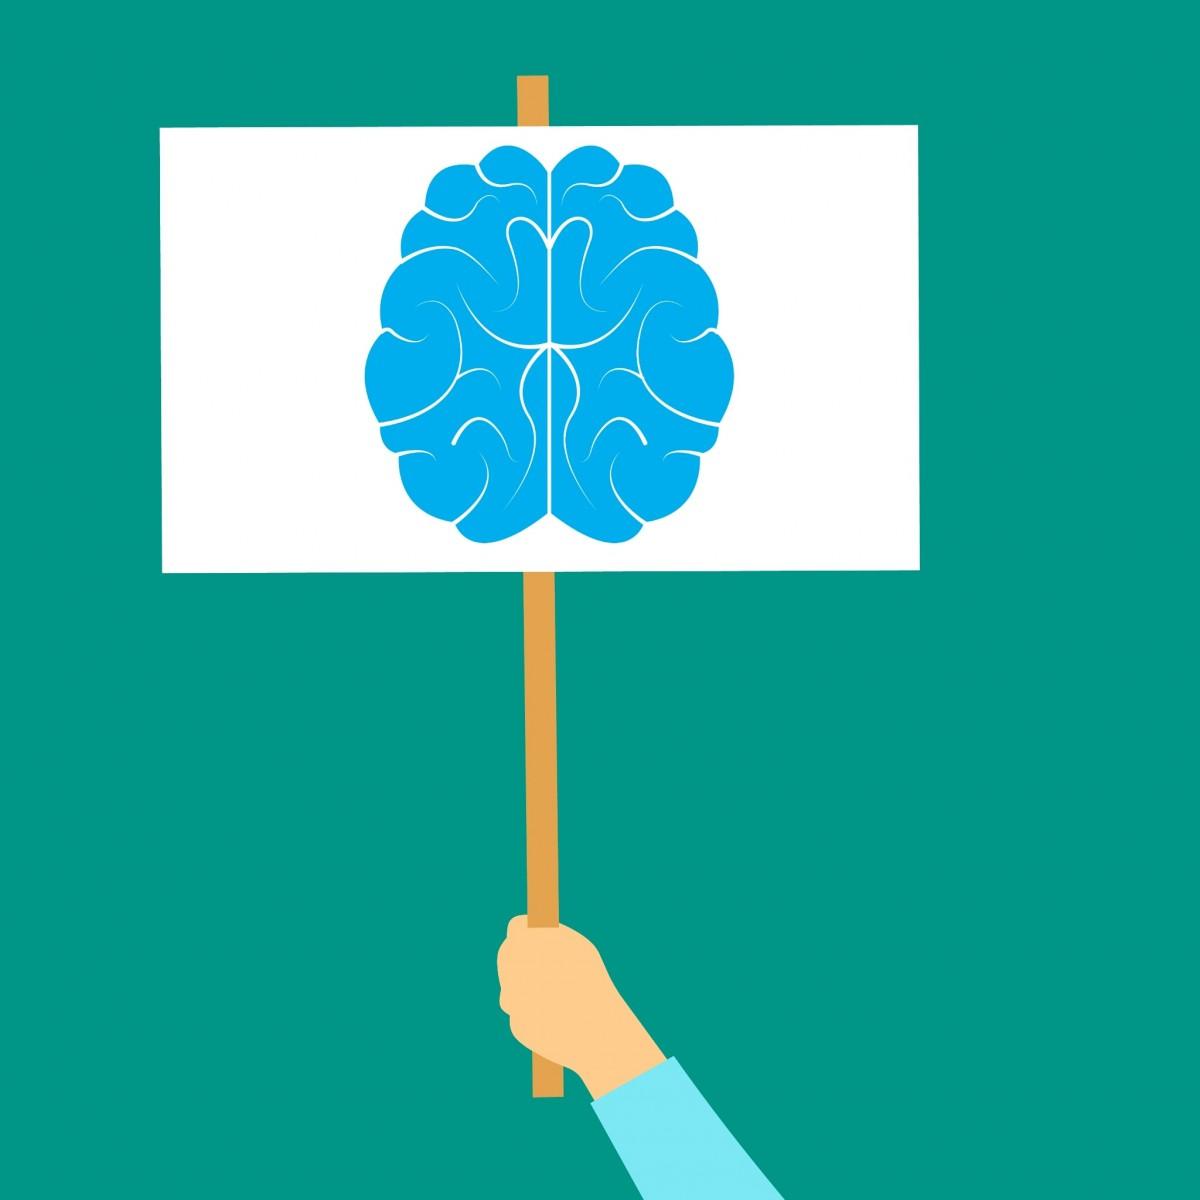 Free Images   Mindset  Idea  Man  Think  Laying  Brain